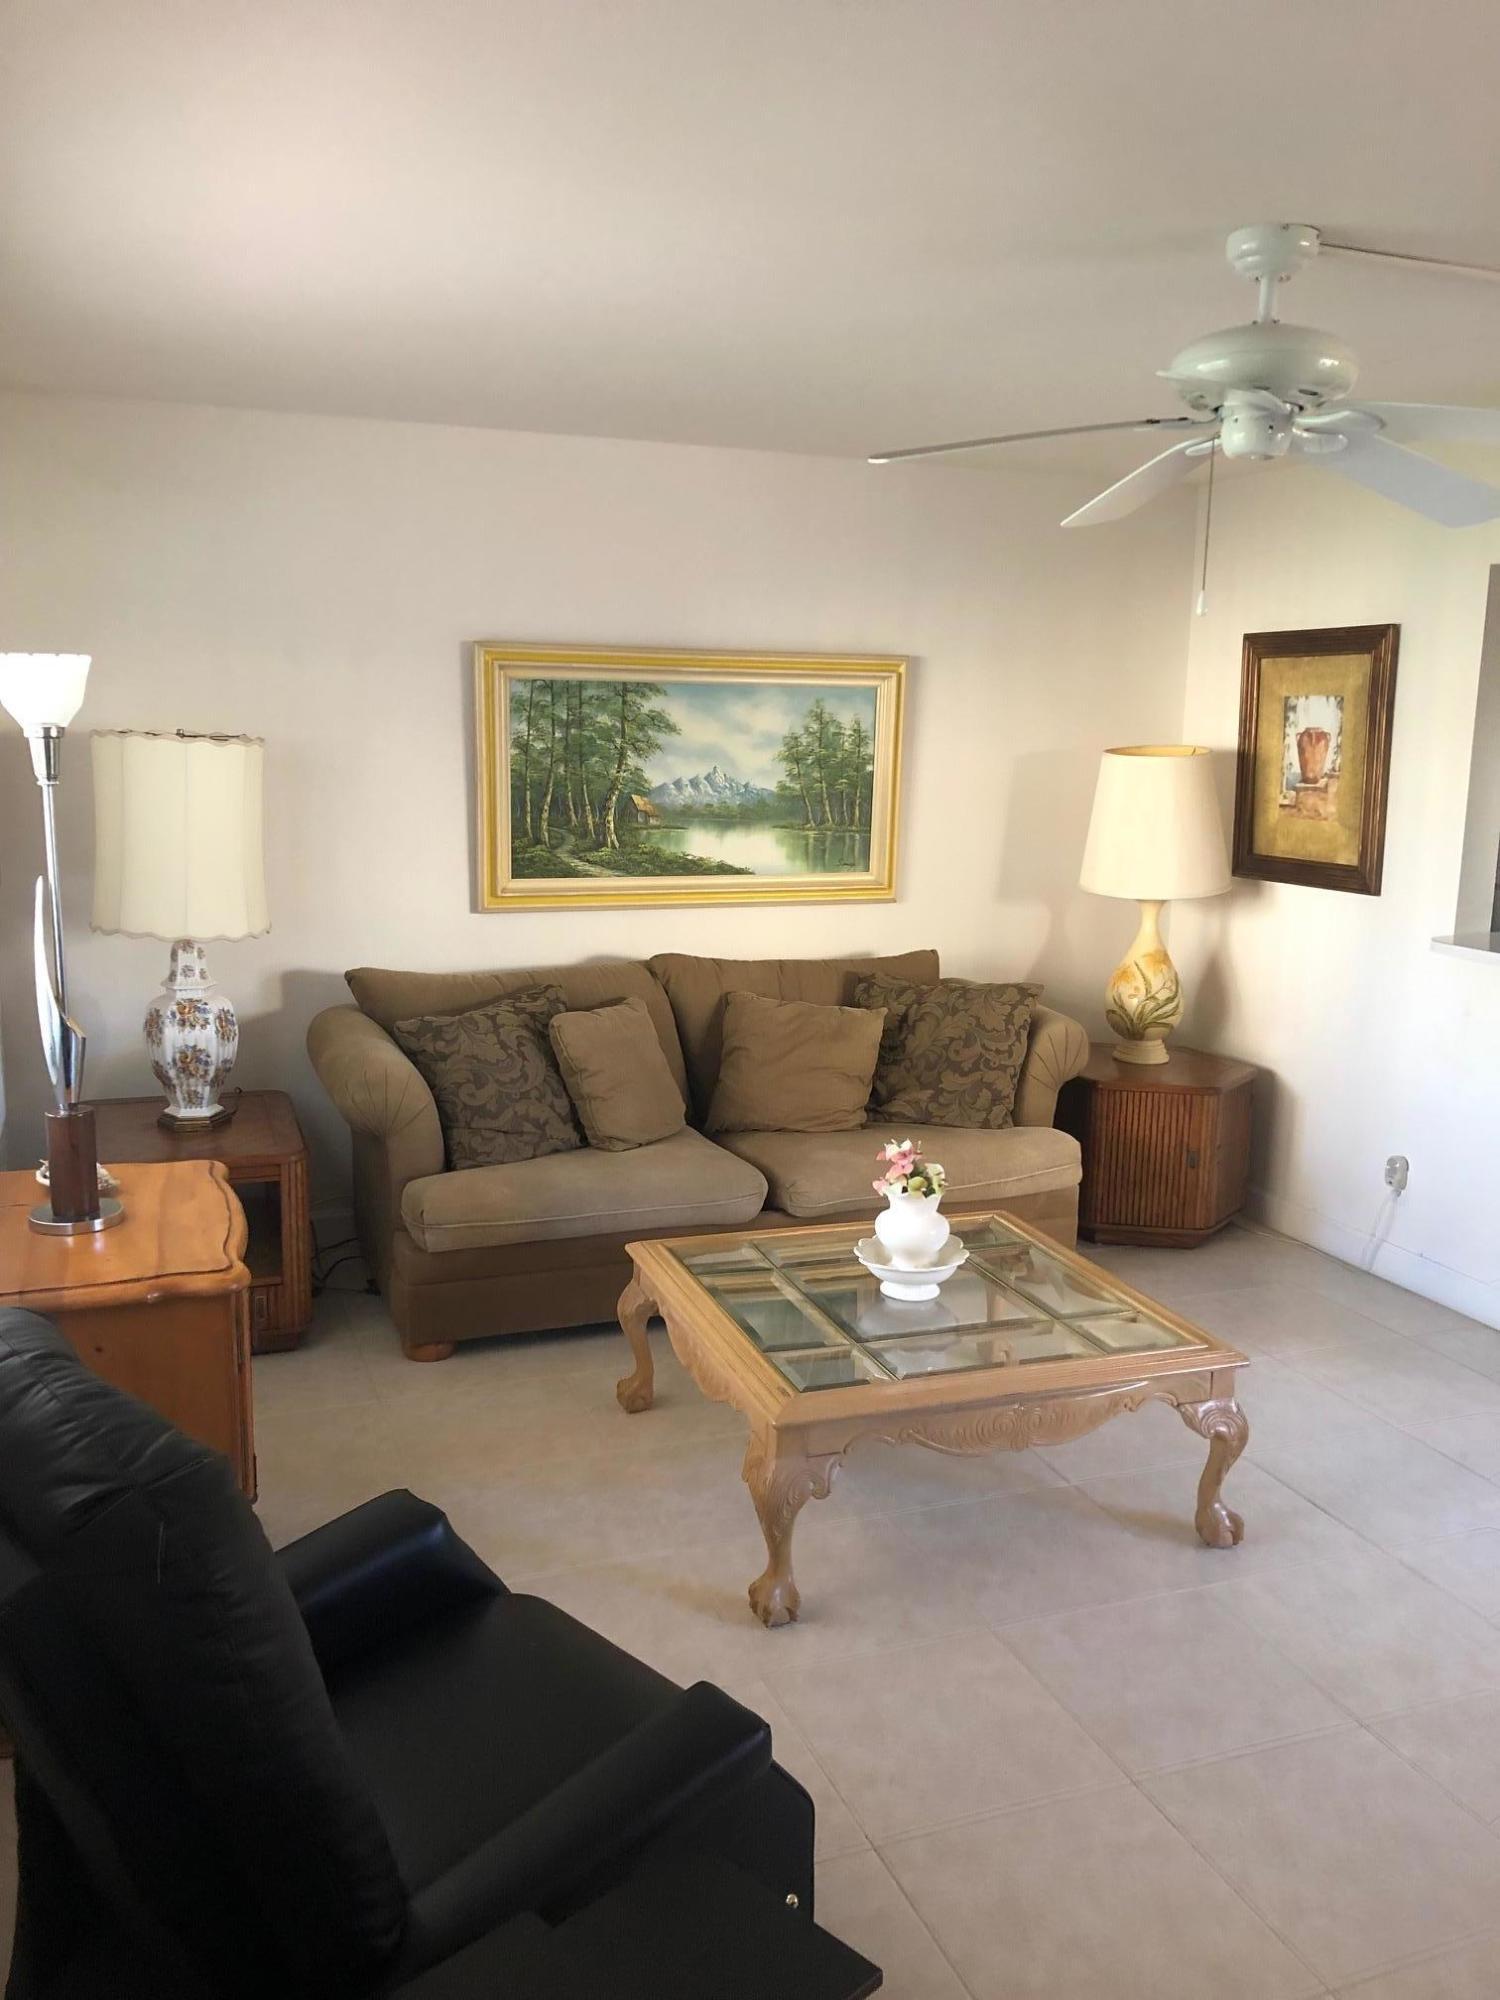 395 Brittany I  Delray Beach, FL 33446